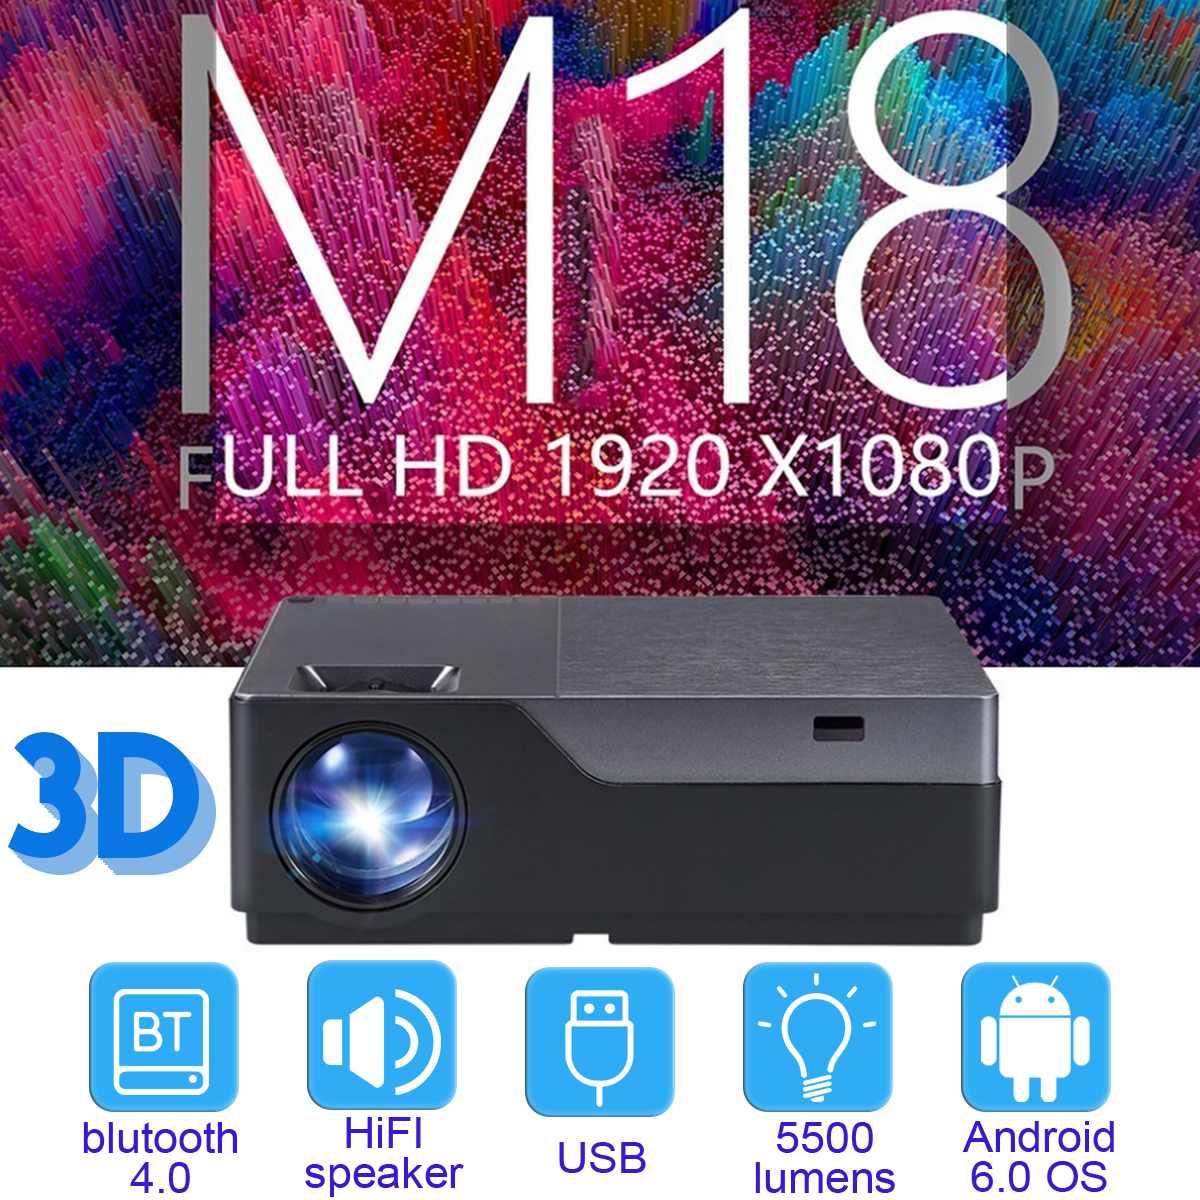 M18UP 5500 Lumens 1920x1080 mini projecteur LED 3D Home cinéma projecteur Full HD projecteur Android 6.0 OS 1G + 8G projecteur à distance